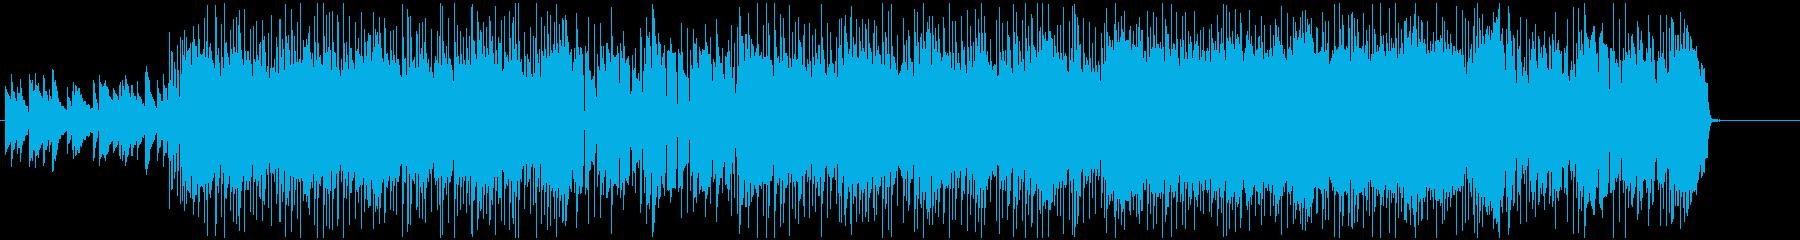 失敗から立ち上がる前向きなハードロックの再生済みの波形